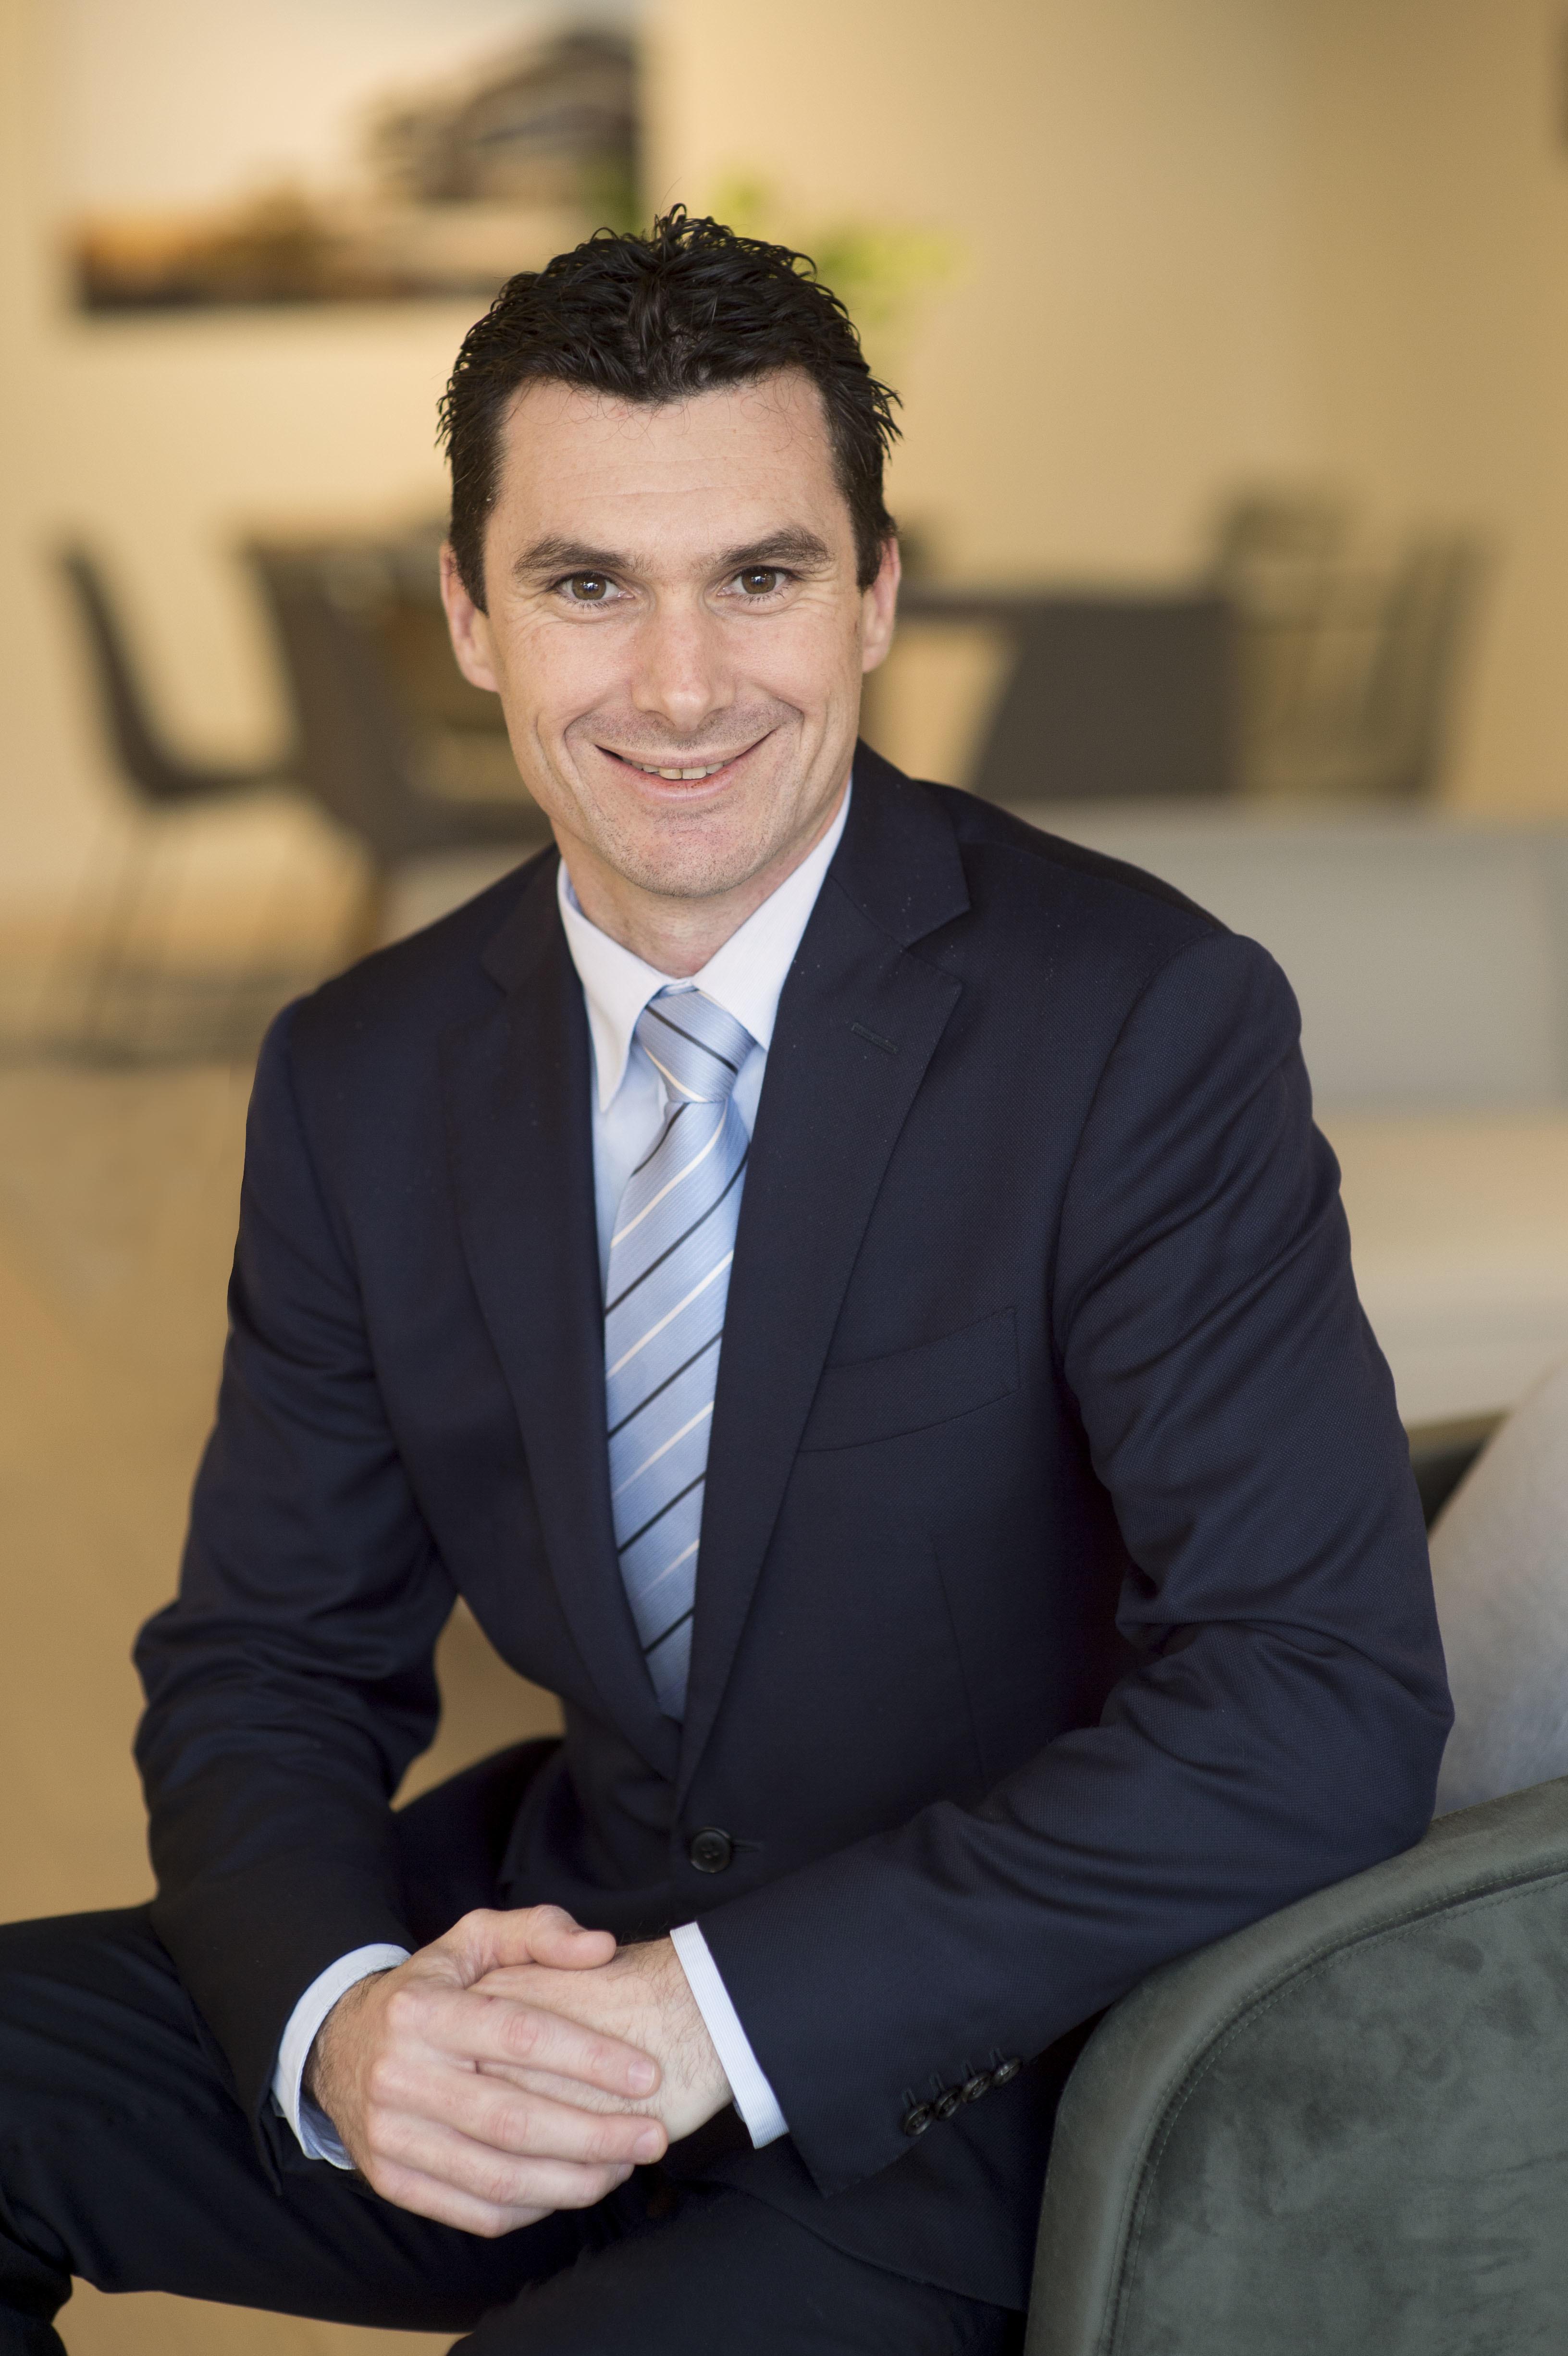 Adam Farrugia Real Estate Agent